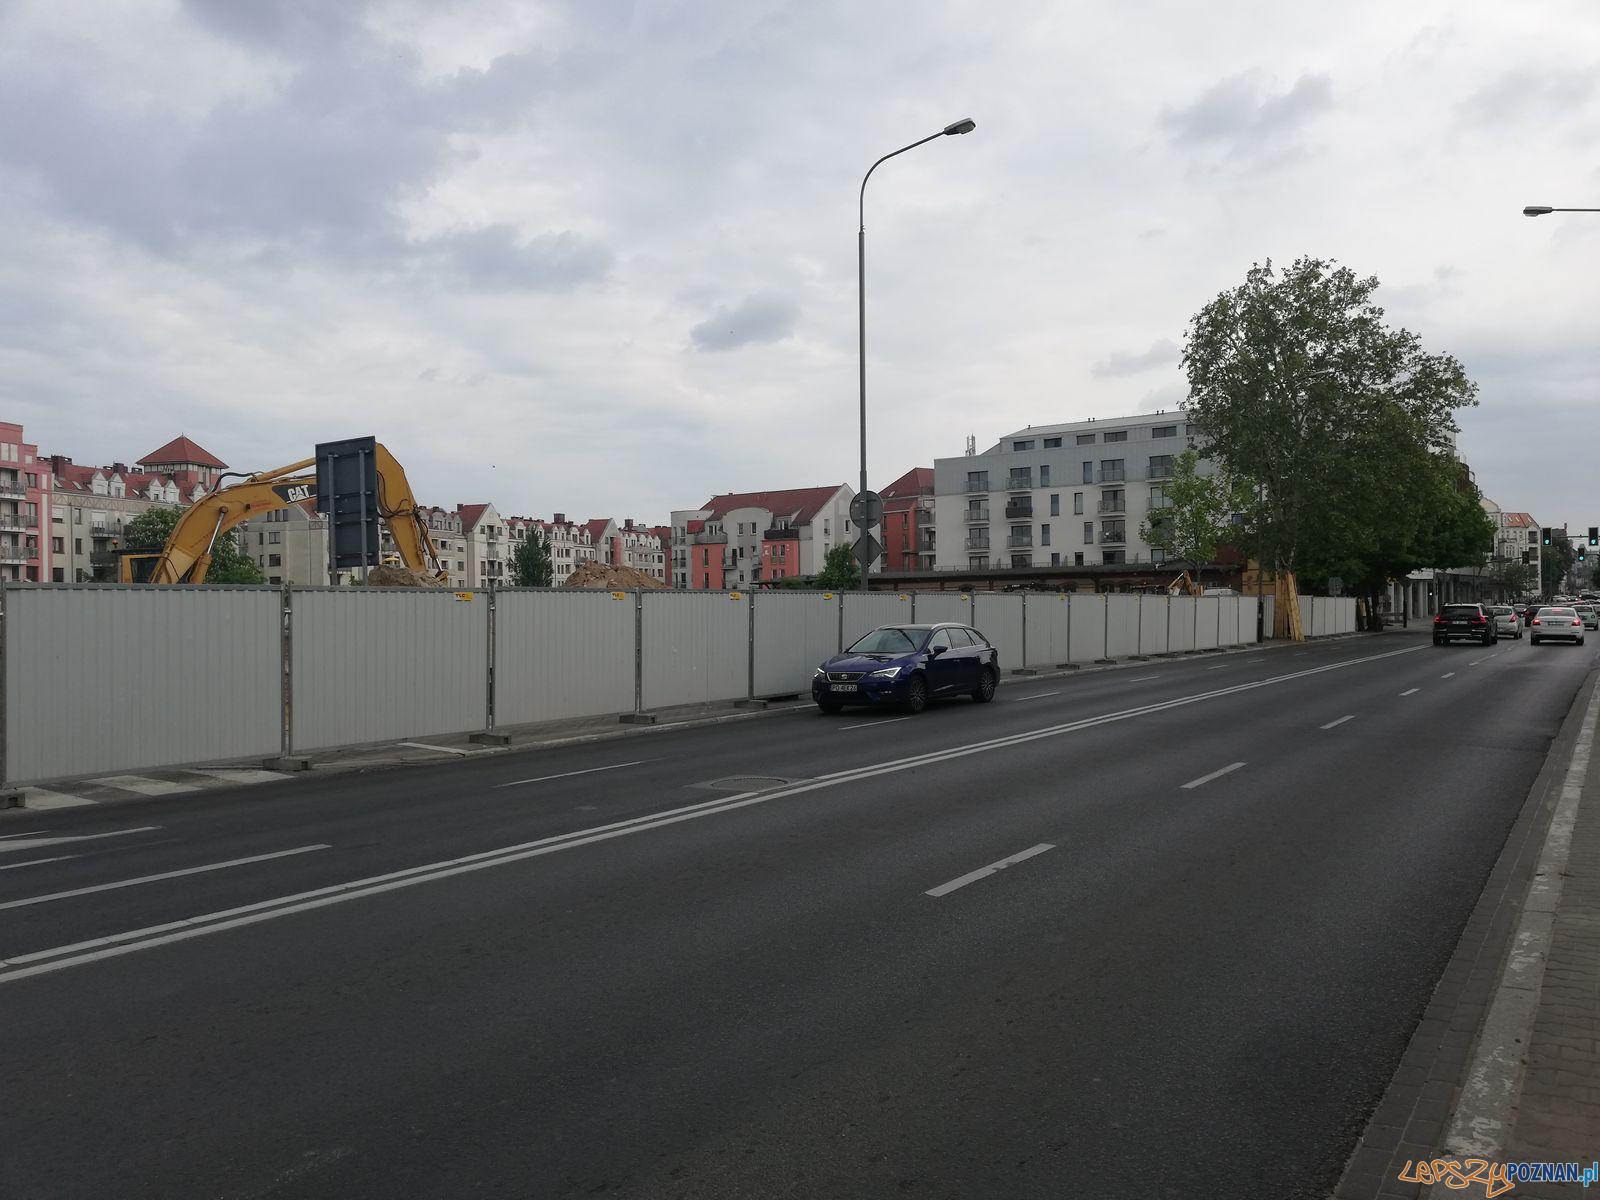 Garbary - zwężenie  Foto: Tomasz Dworek / Rada Starego Miasta